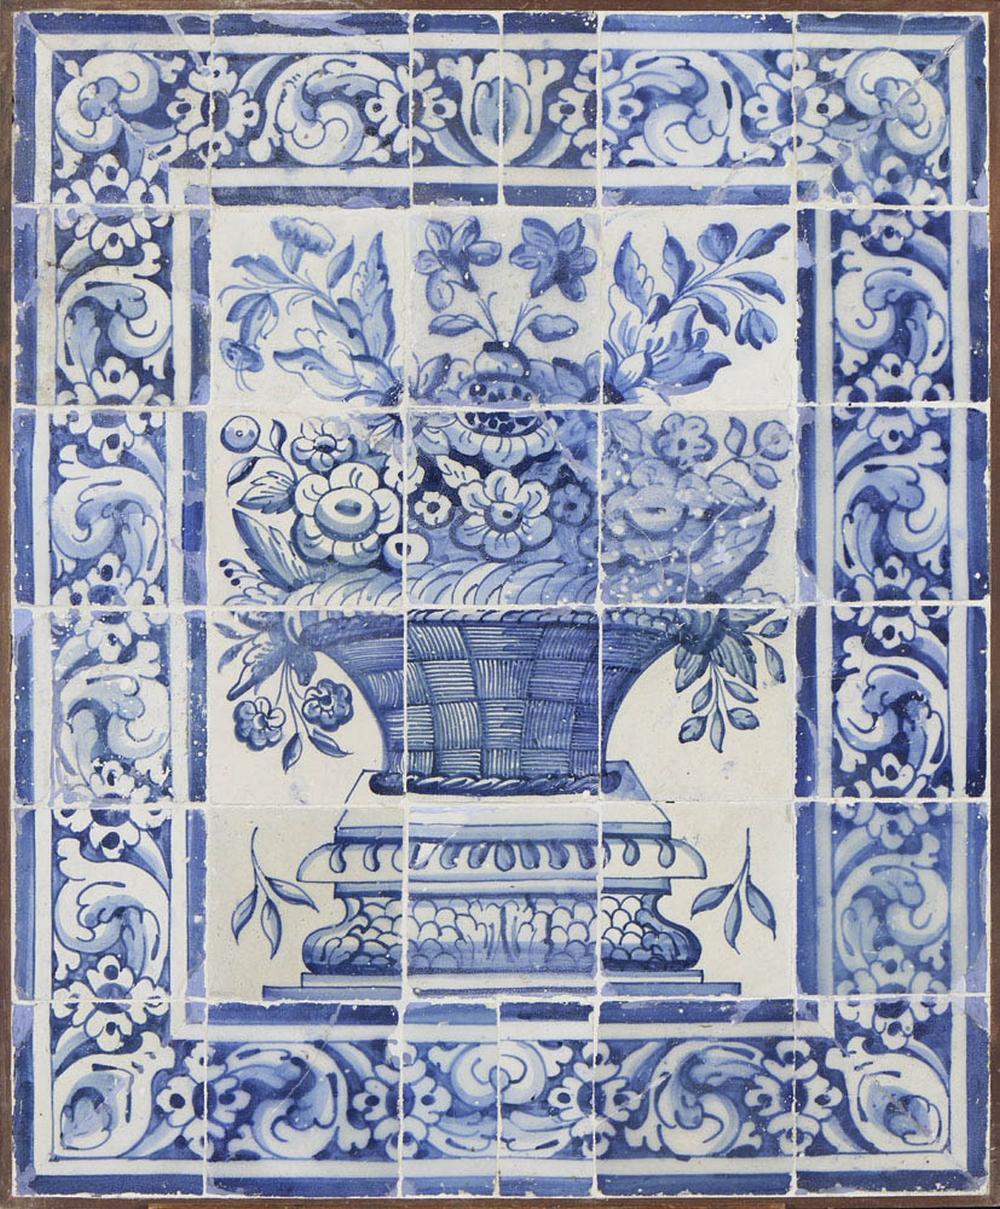 Painel de 30 azulejos com albarrada de flores